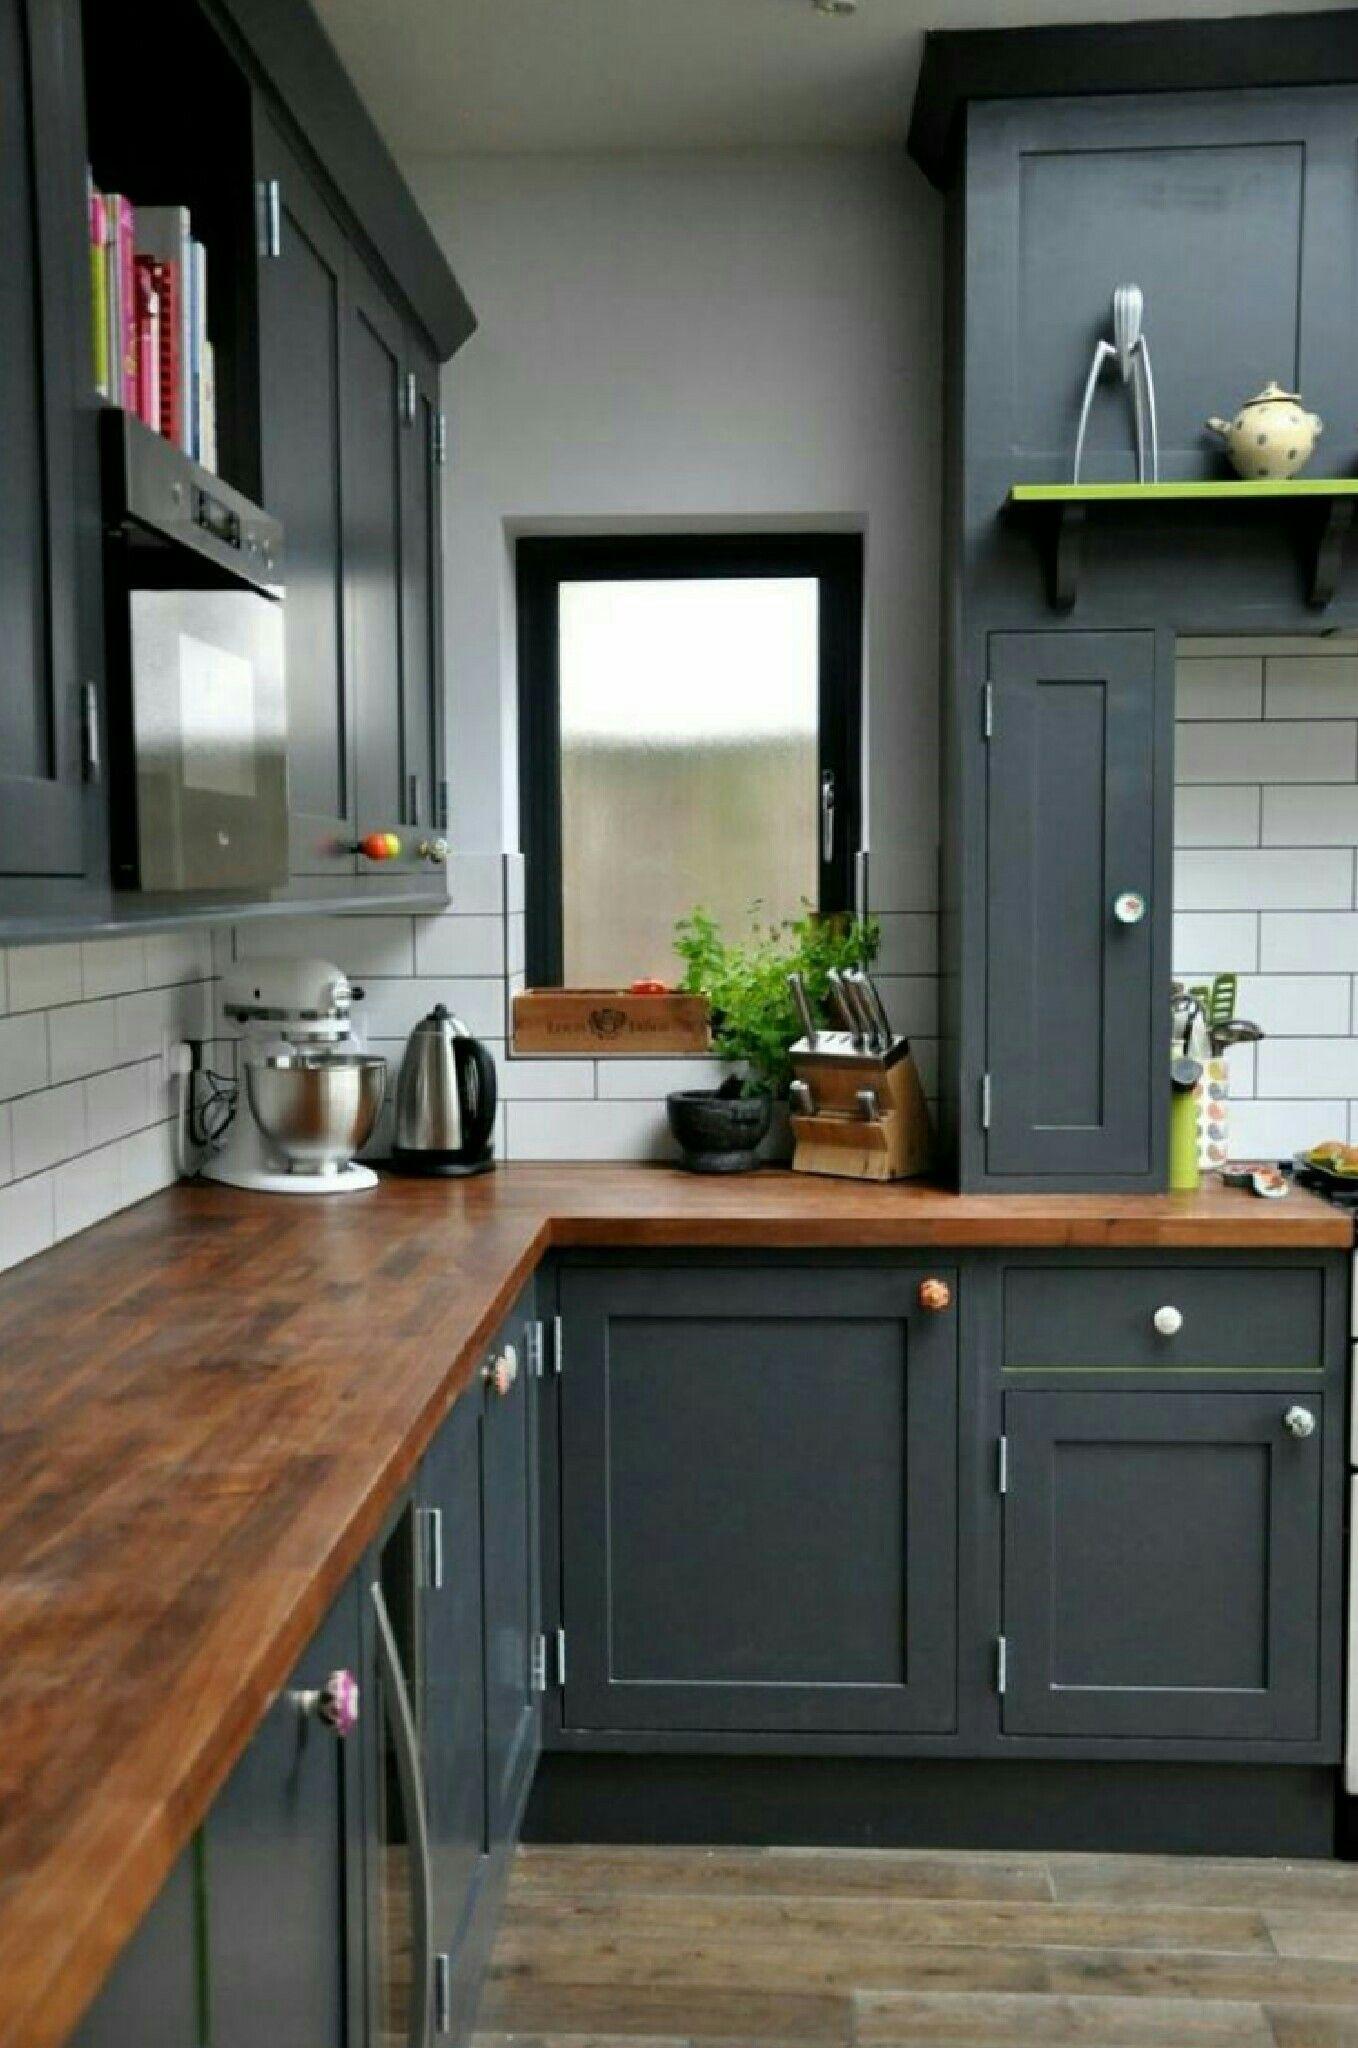 Cabinet Colors And Light Backsplash